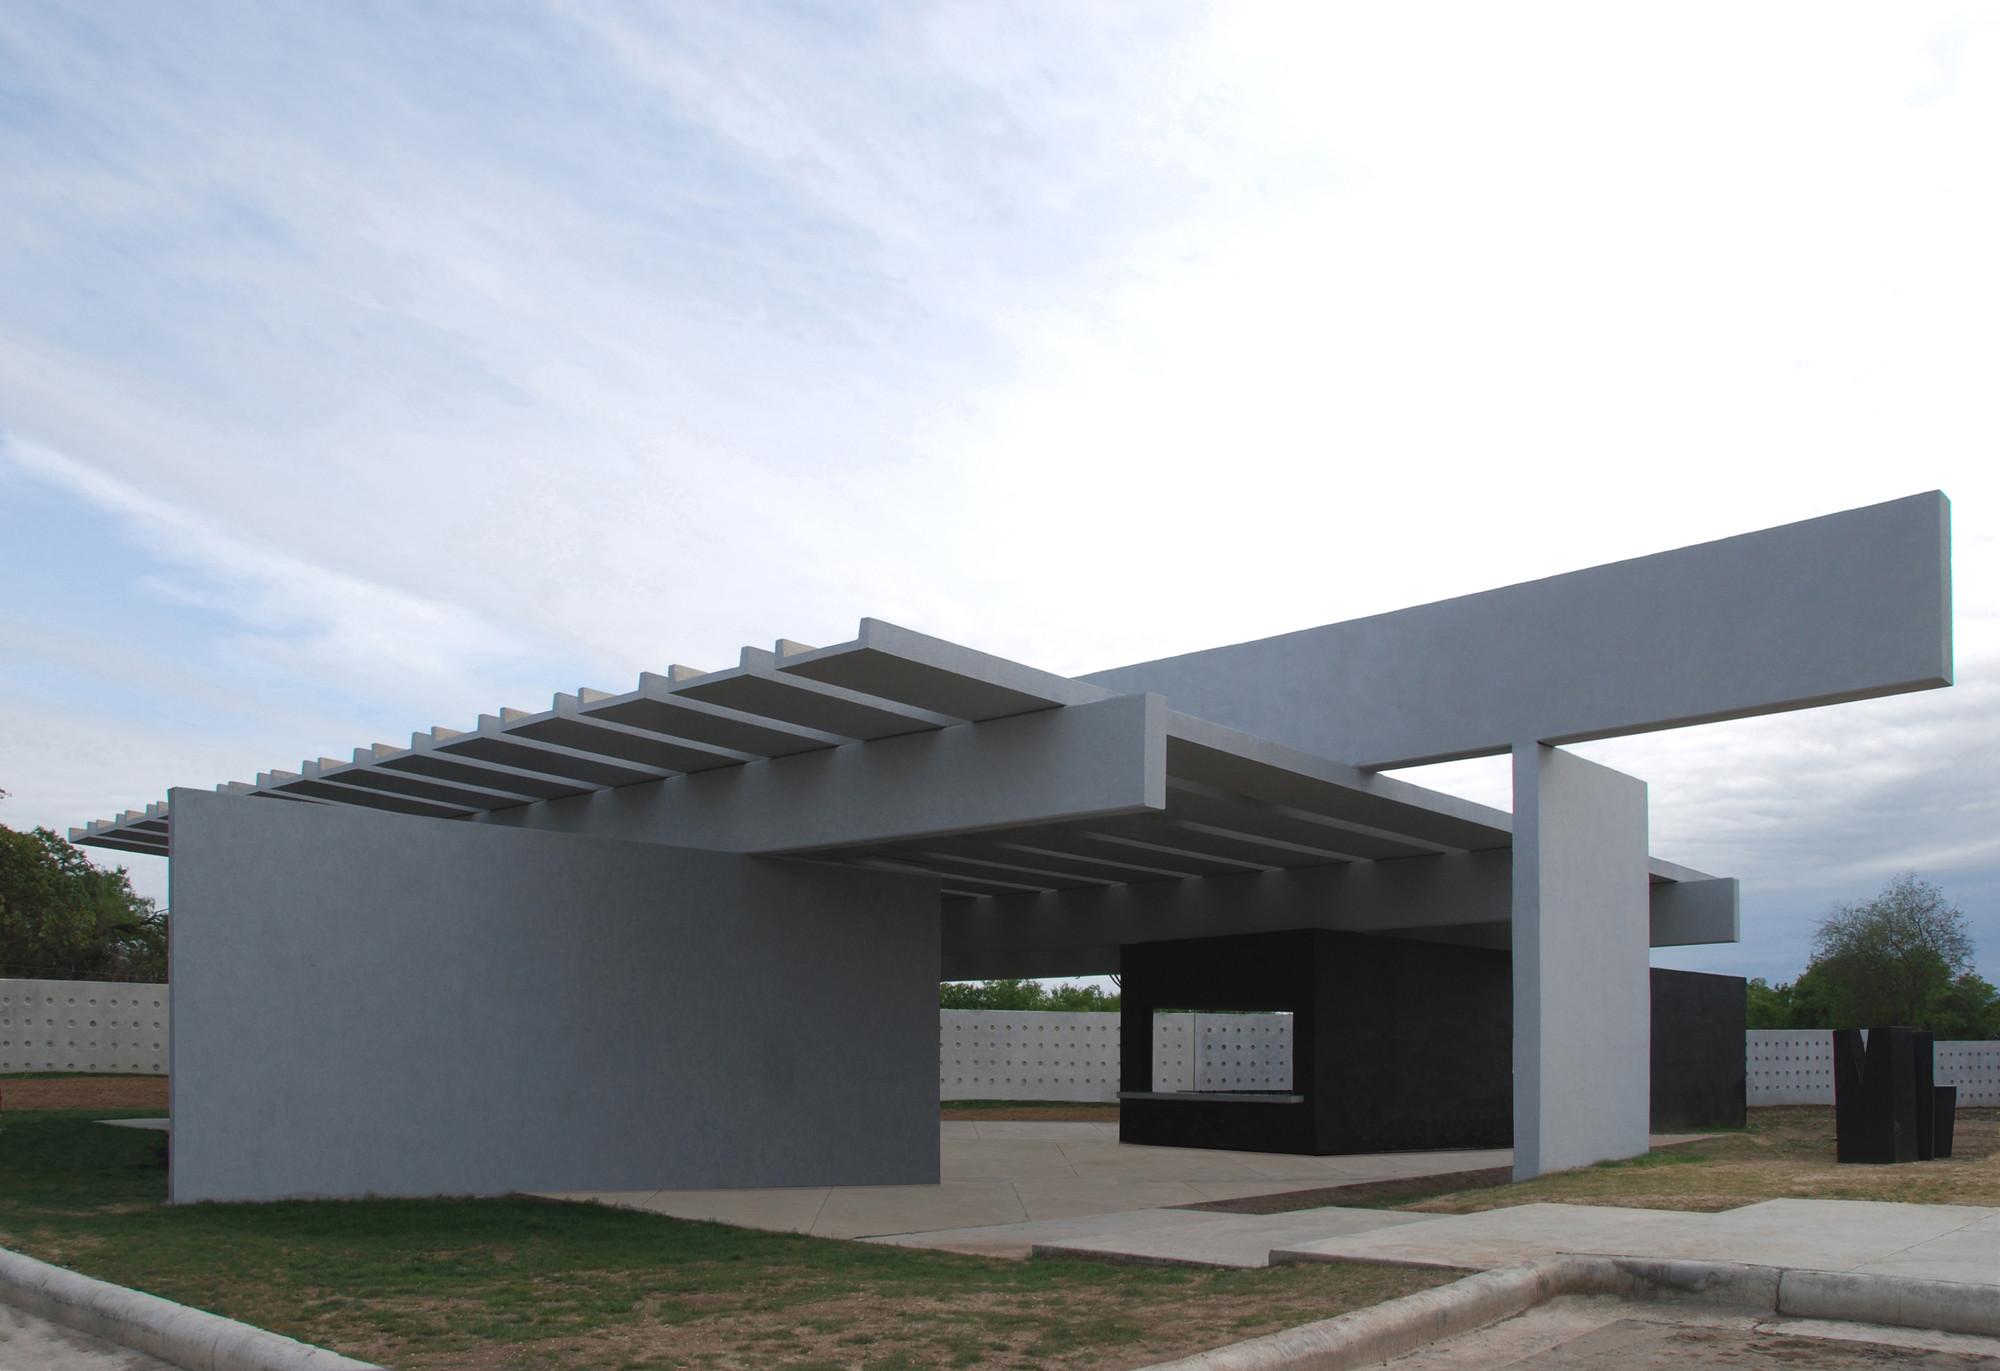 Palapa / Guillermo Hevia Arquitectos, © Guillermo Hevia